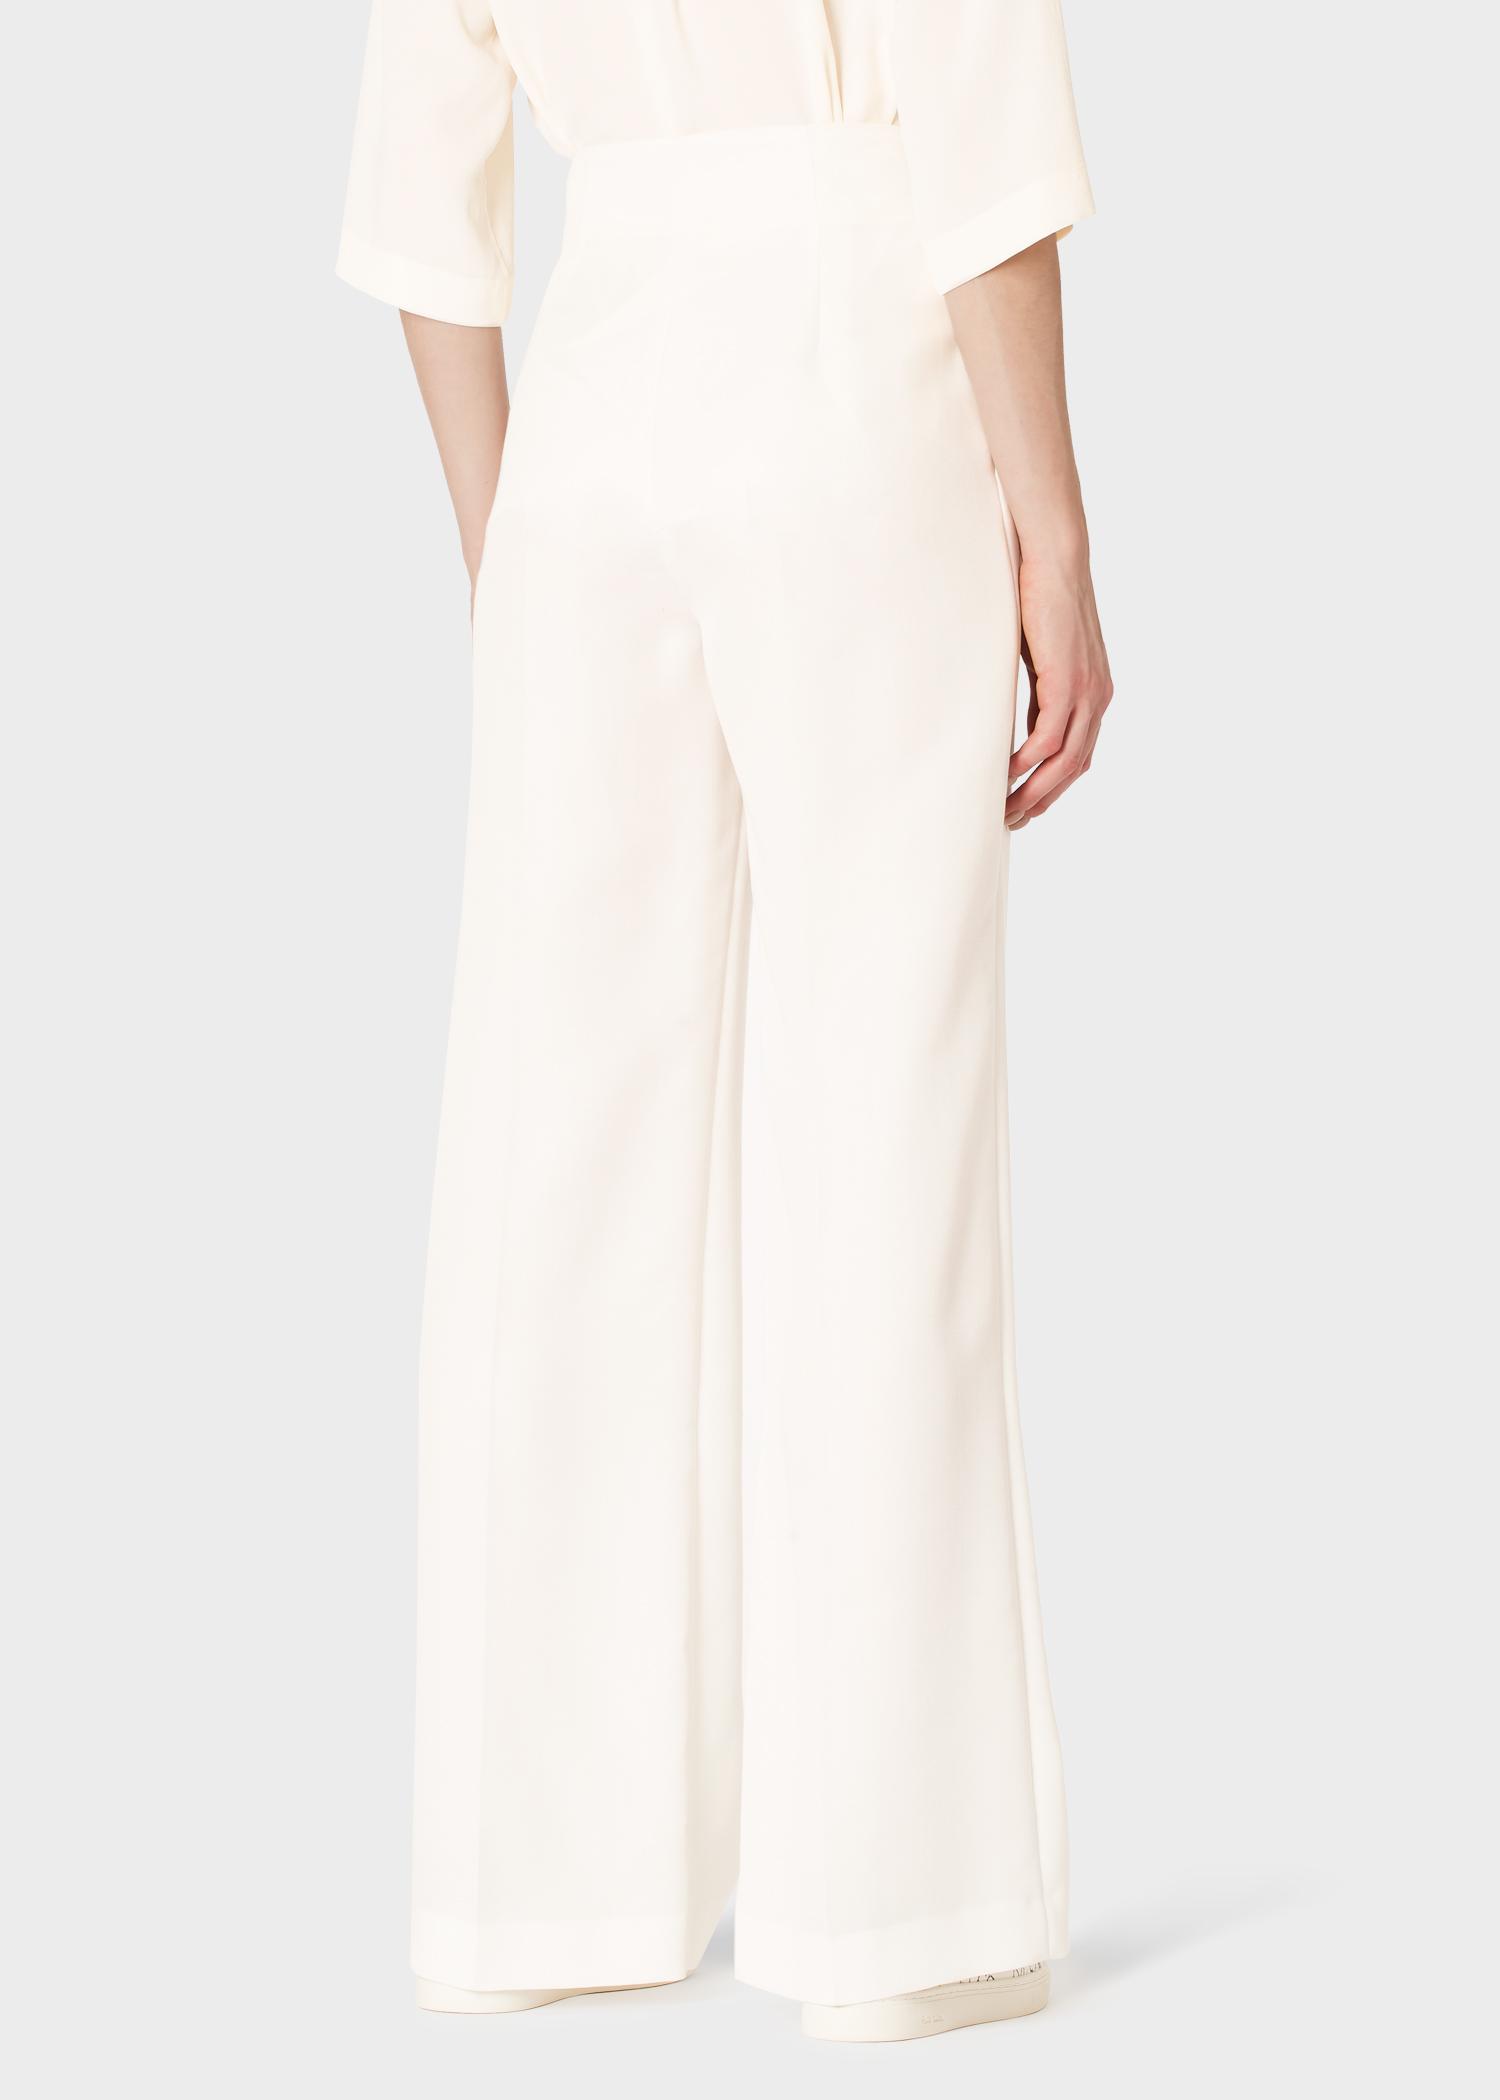 Pantalon Large Large Pantalon Pantalon Crème Femme Crème Femme Femme Plissé Large Plissé Crème 0kPn8Ow